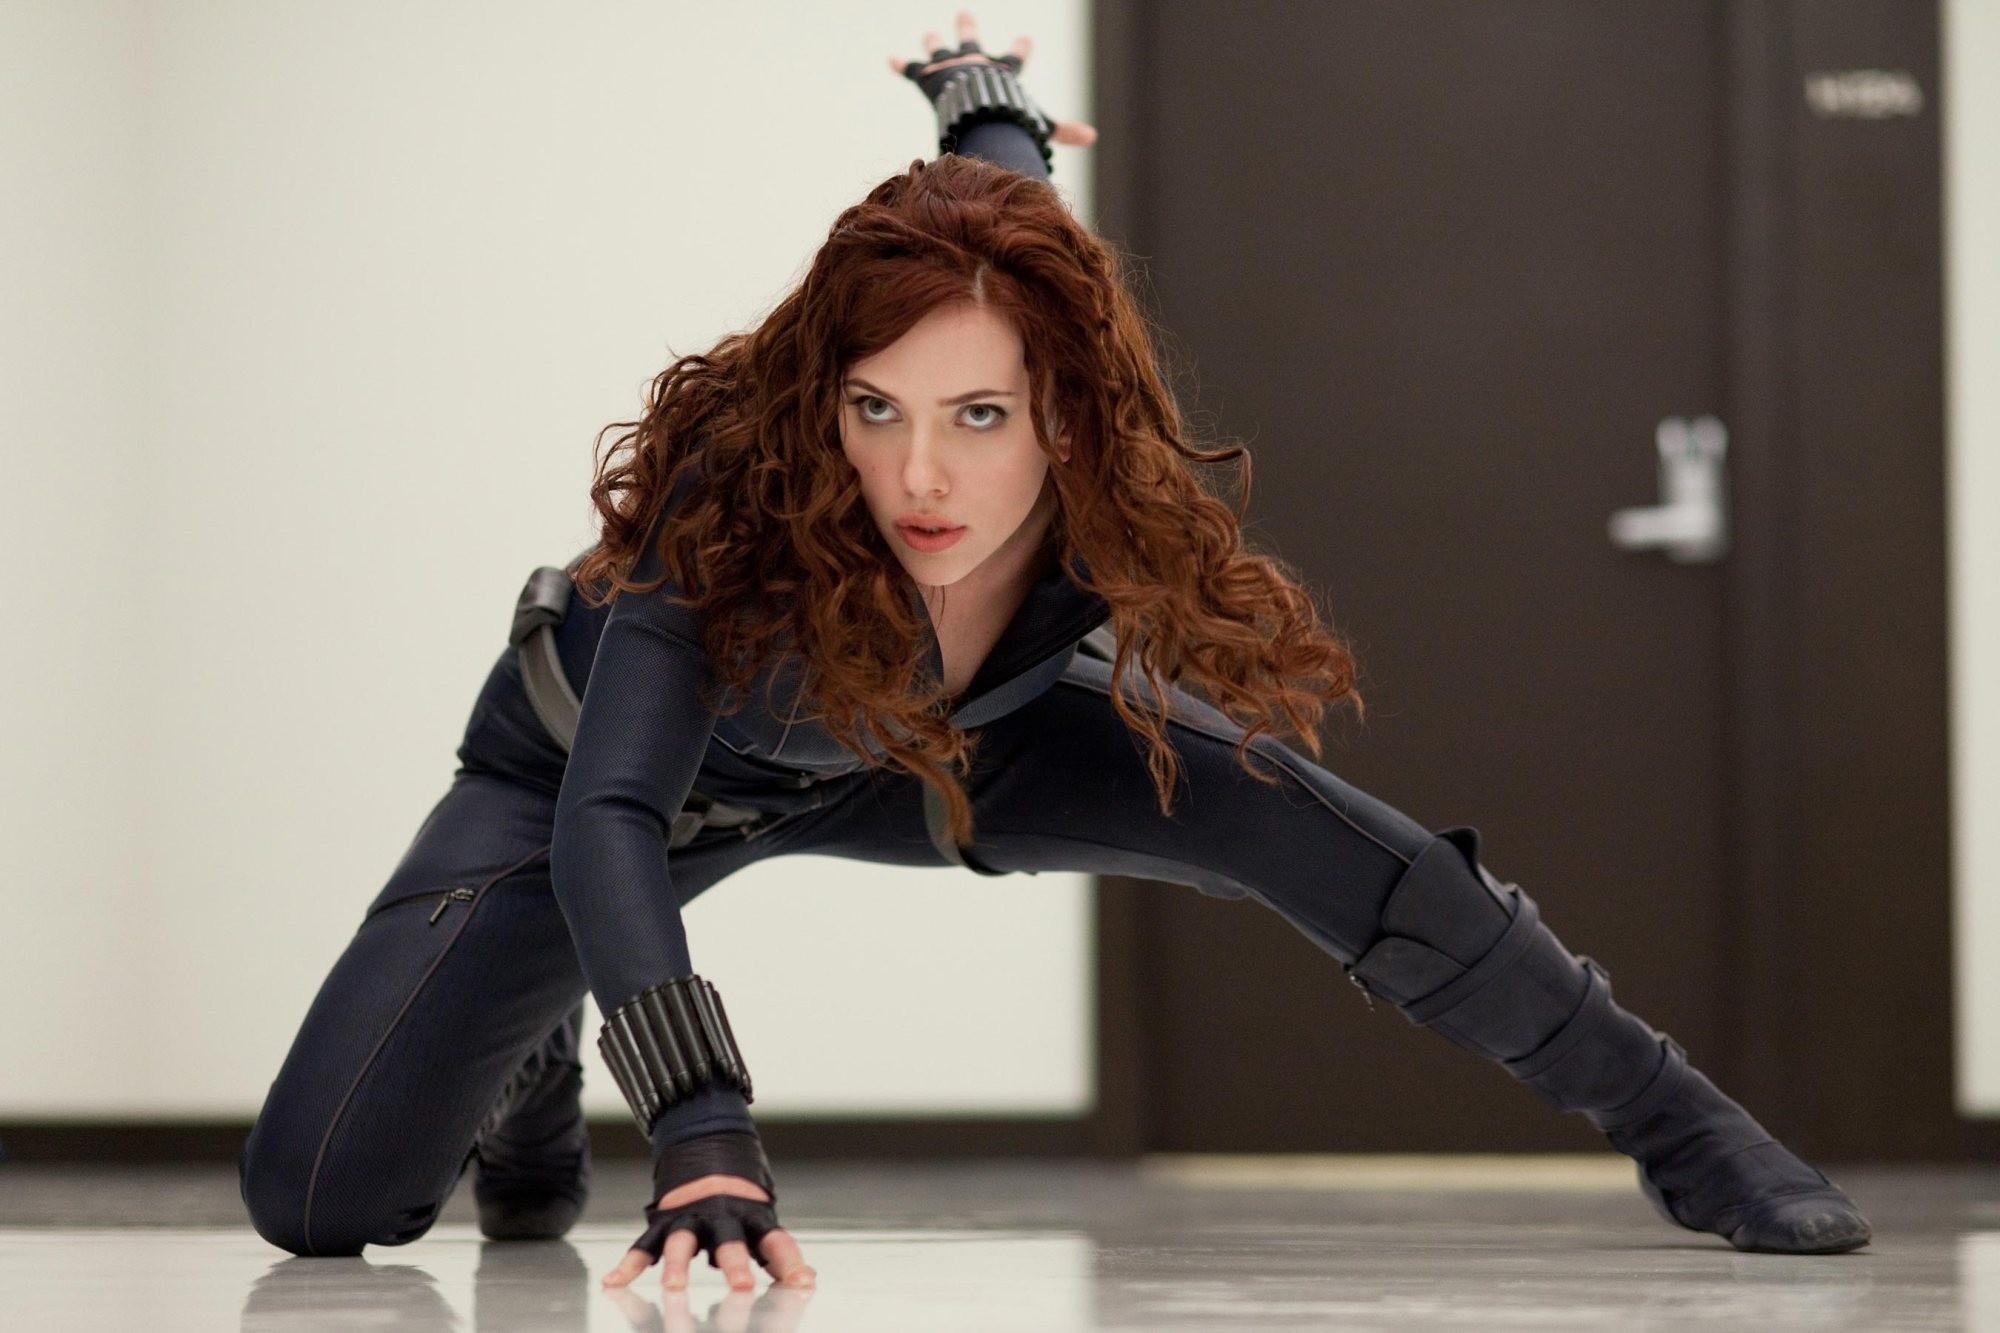 Estreia de Scarlett Johansson no MCU em Homem de Ferro 2 (2010) (Foto: Reprodução)